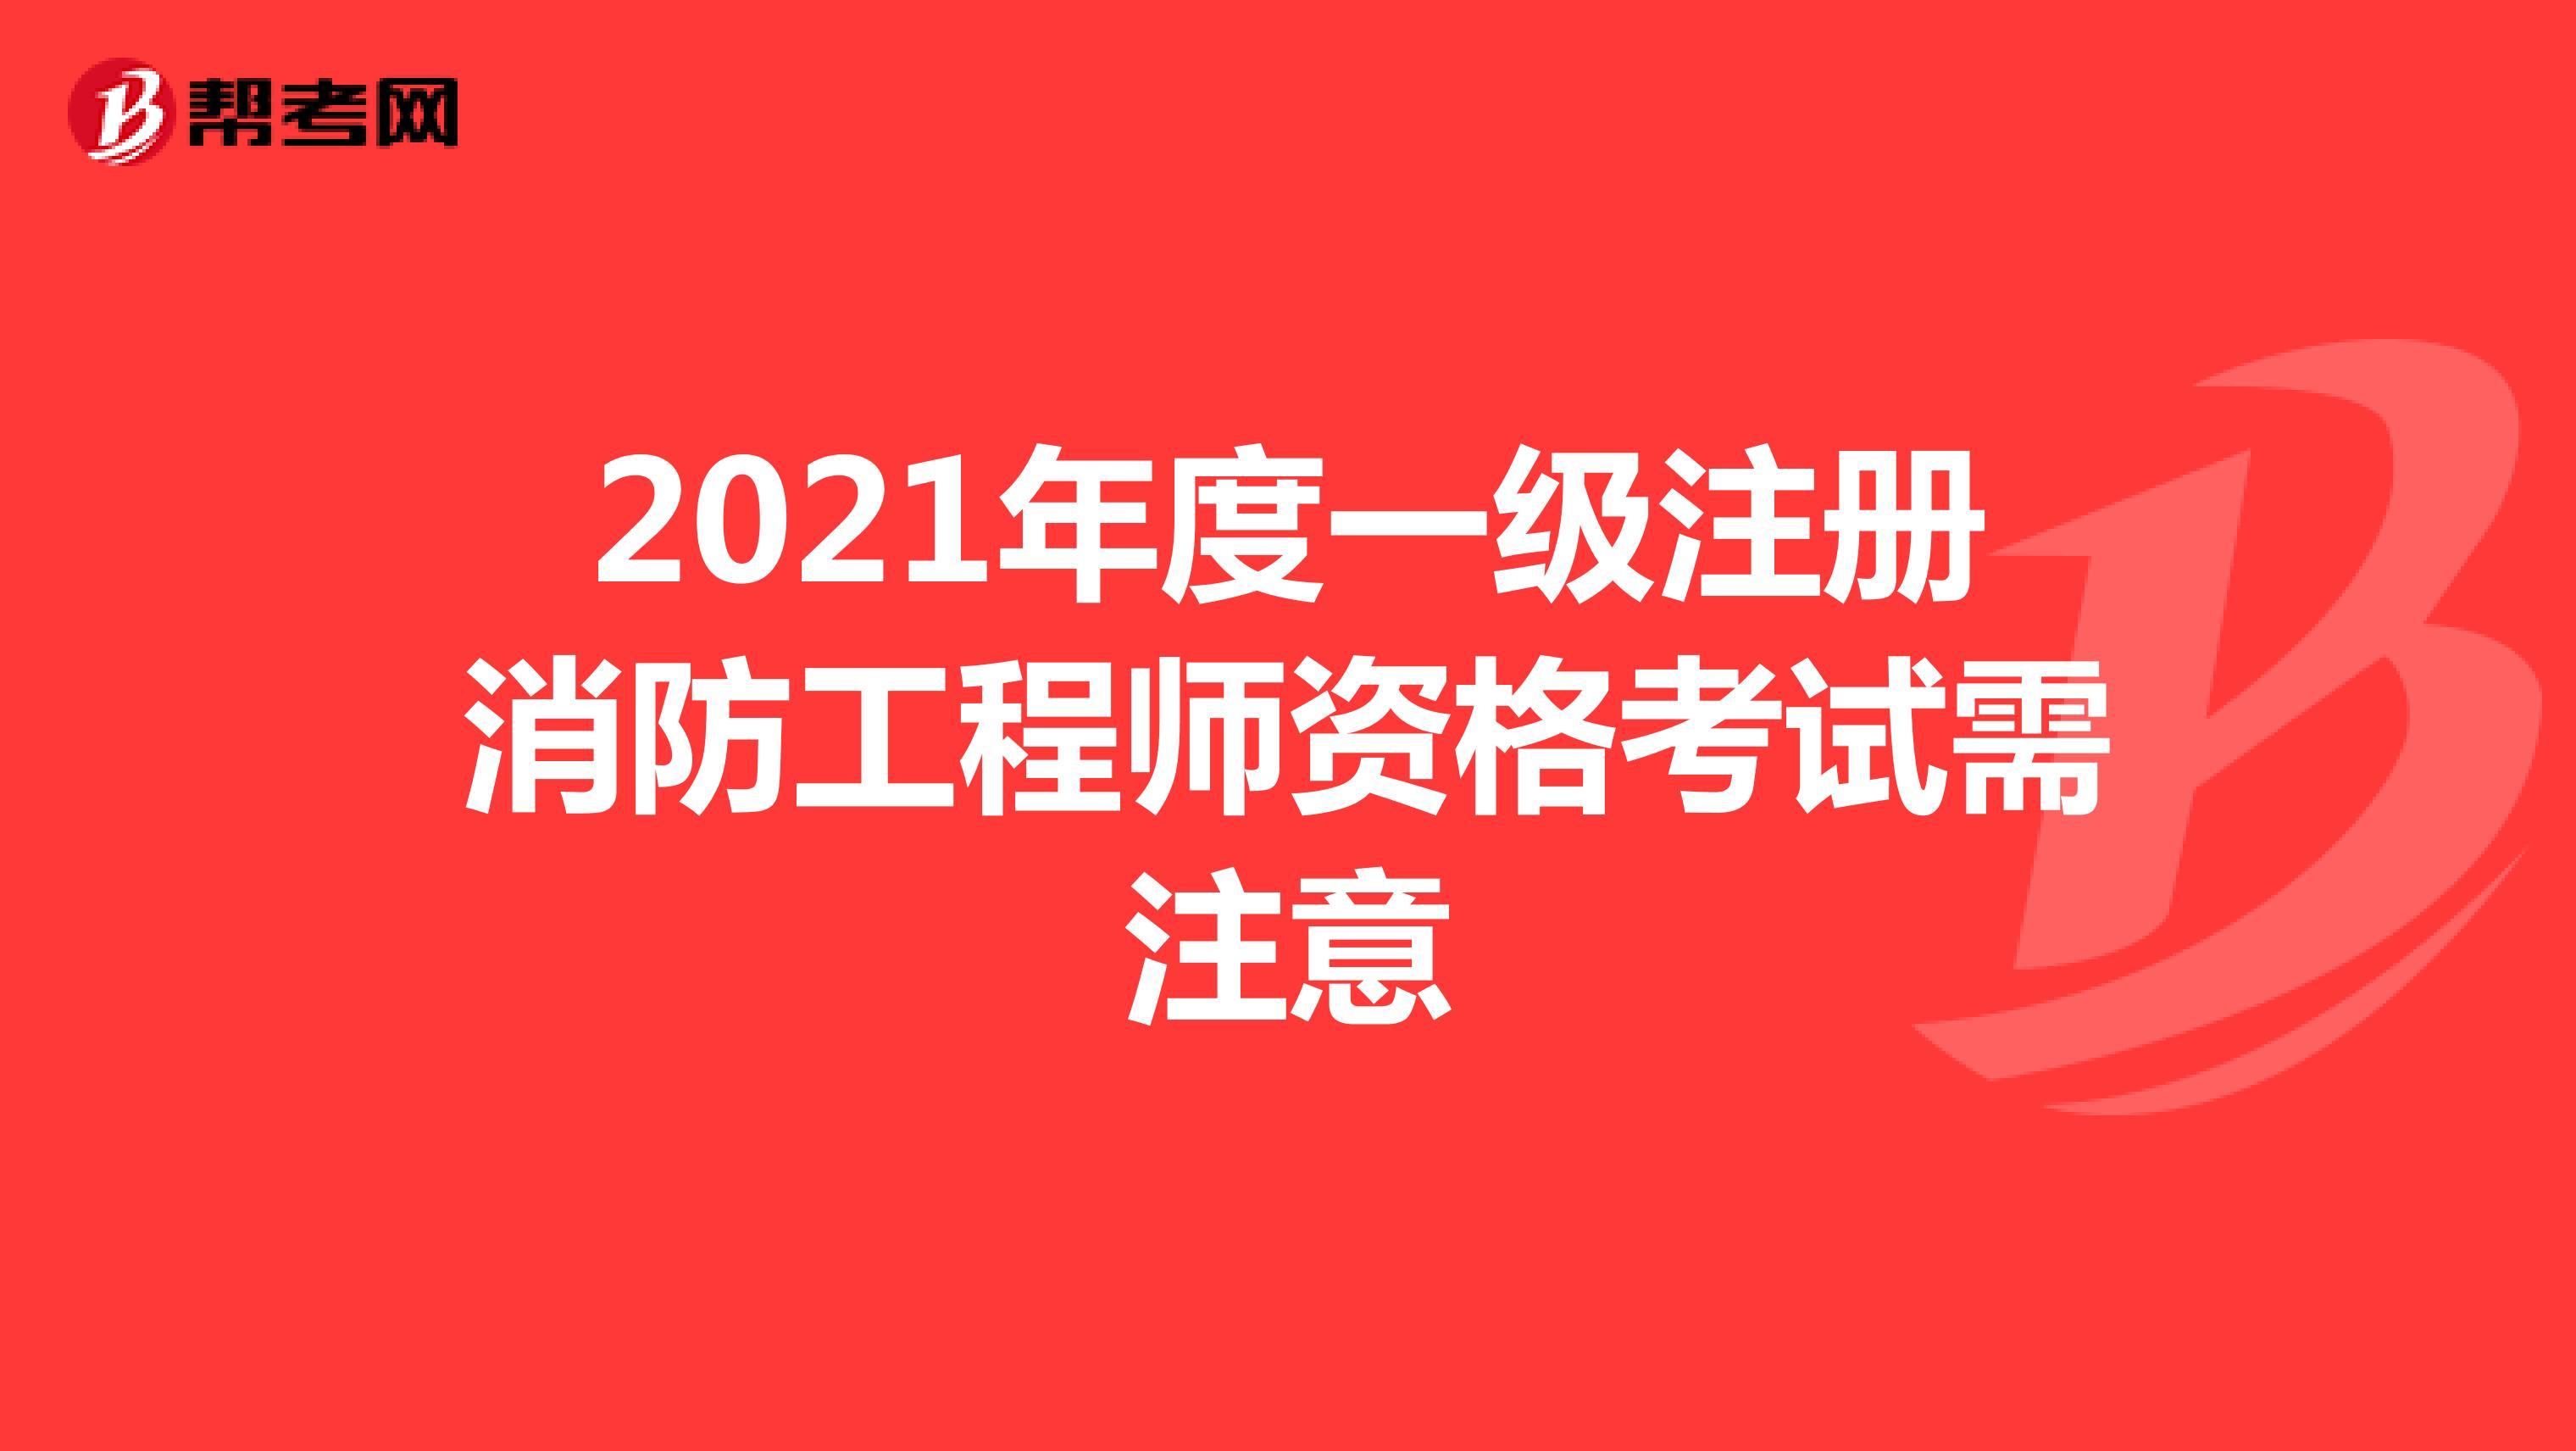 2021年度一级注册消防工程师资格考试需注意